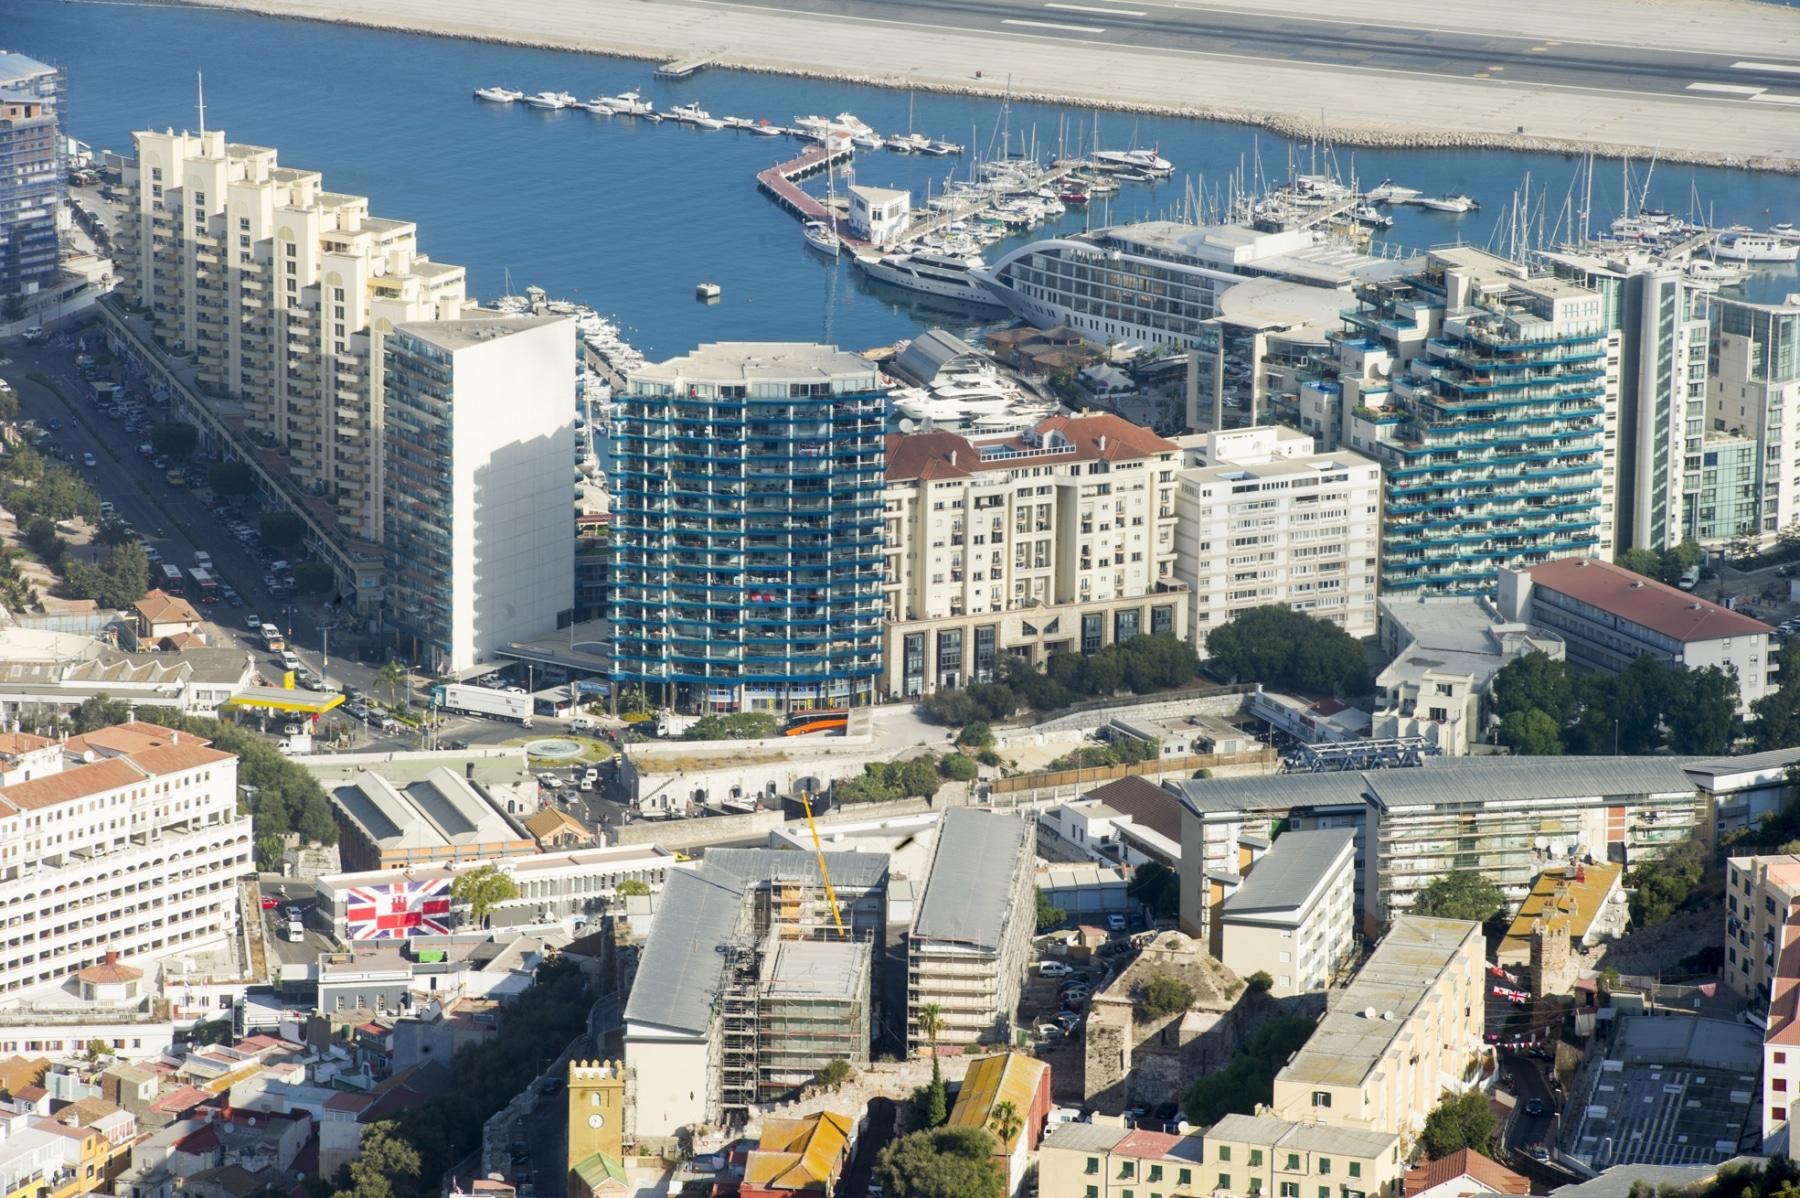 turismo-en-gibraltar-092015-36_22750501201_o